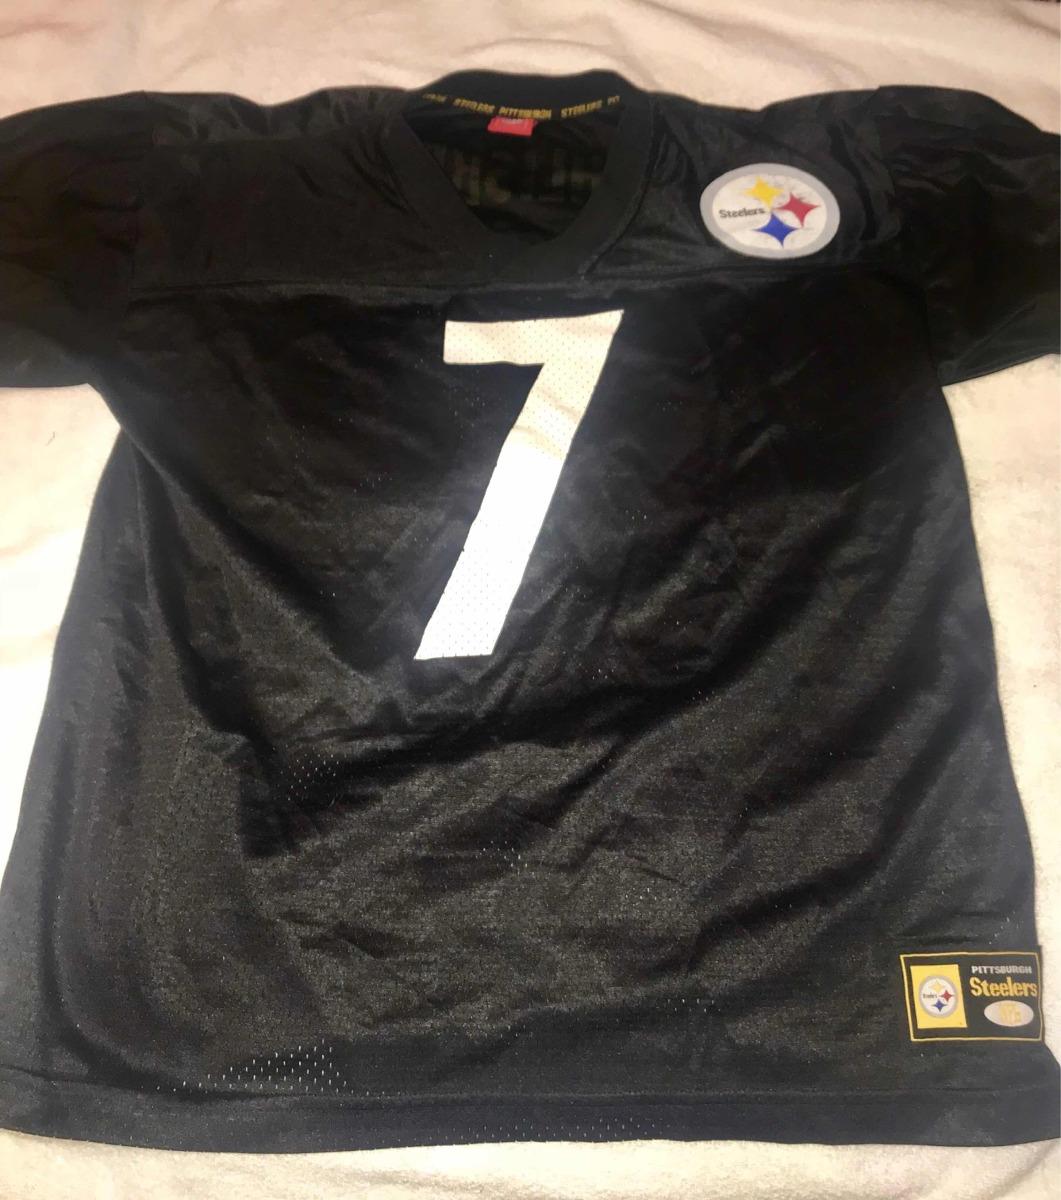 low priced e3e94 f049d Steelers Jersey No 7 Rothlisberger. Original - $ 777.00